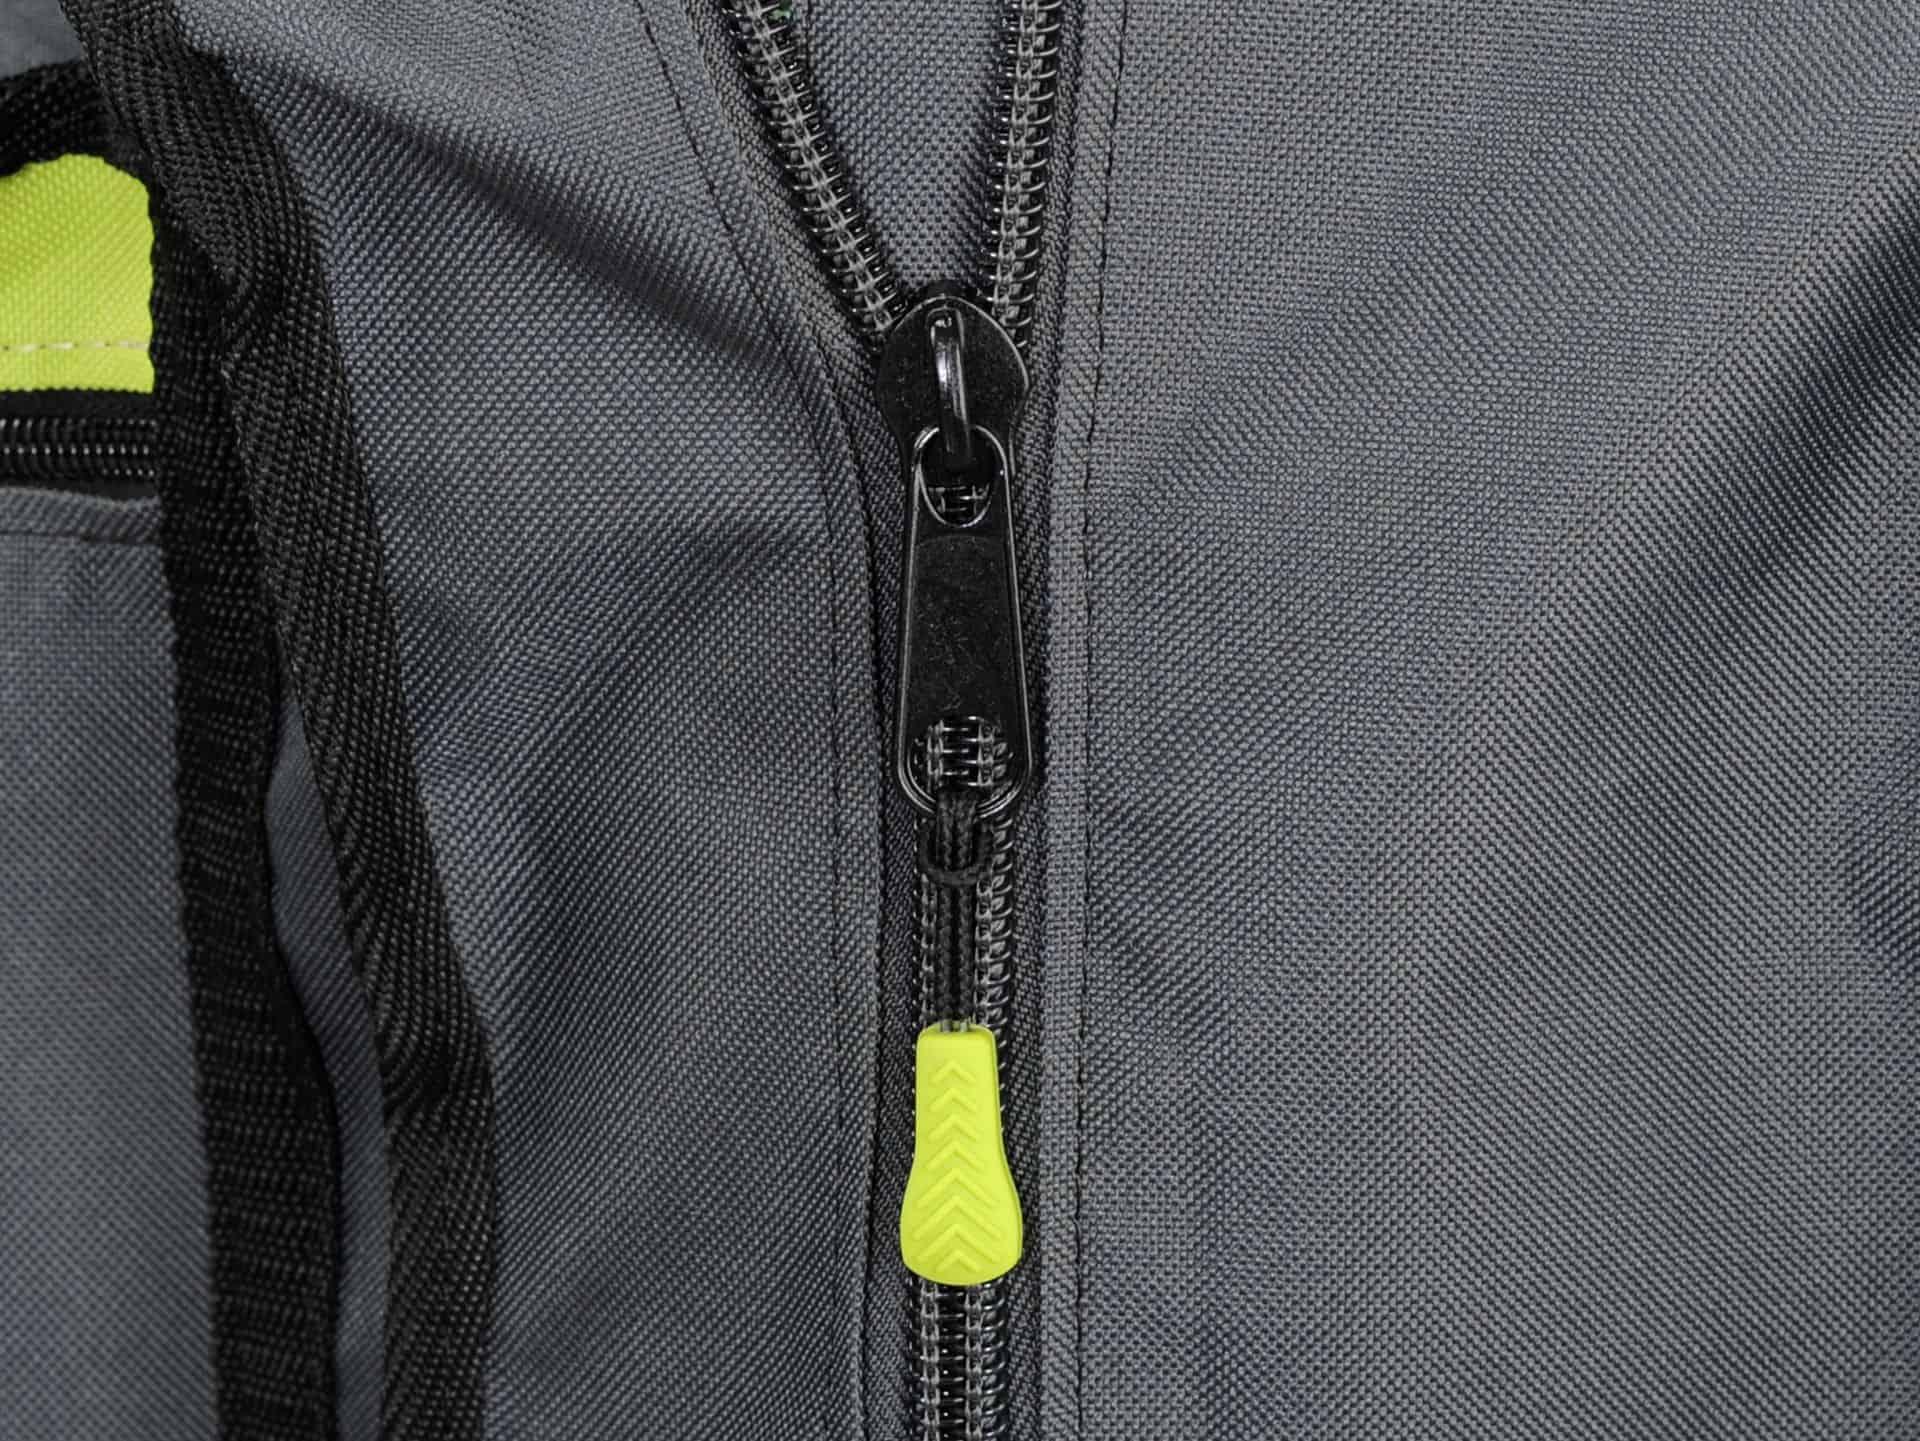 Pevný zips, podšitý ochranným materiálom